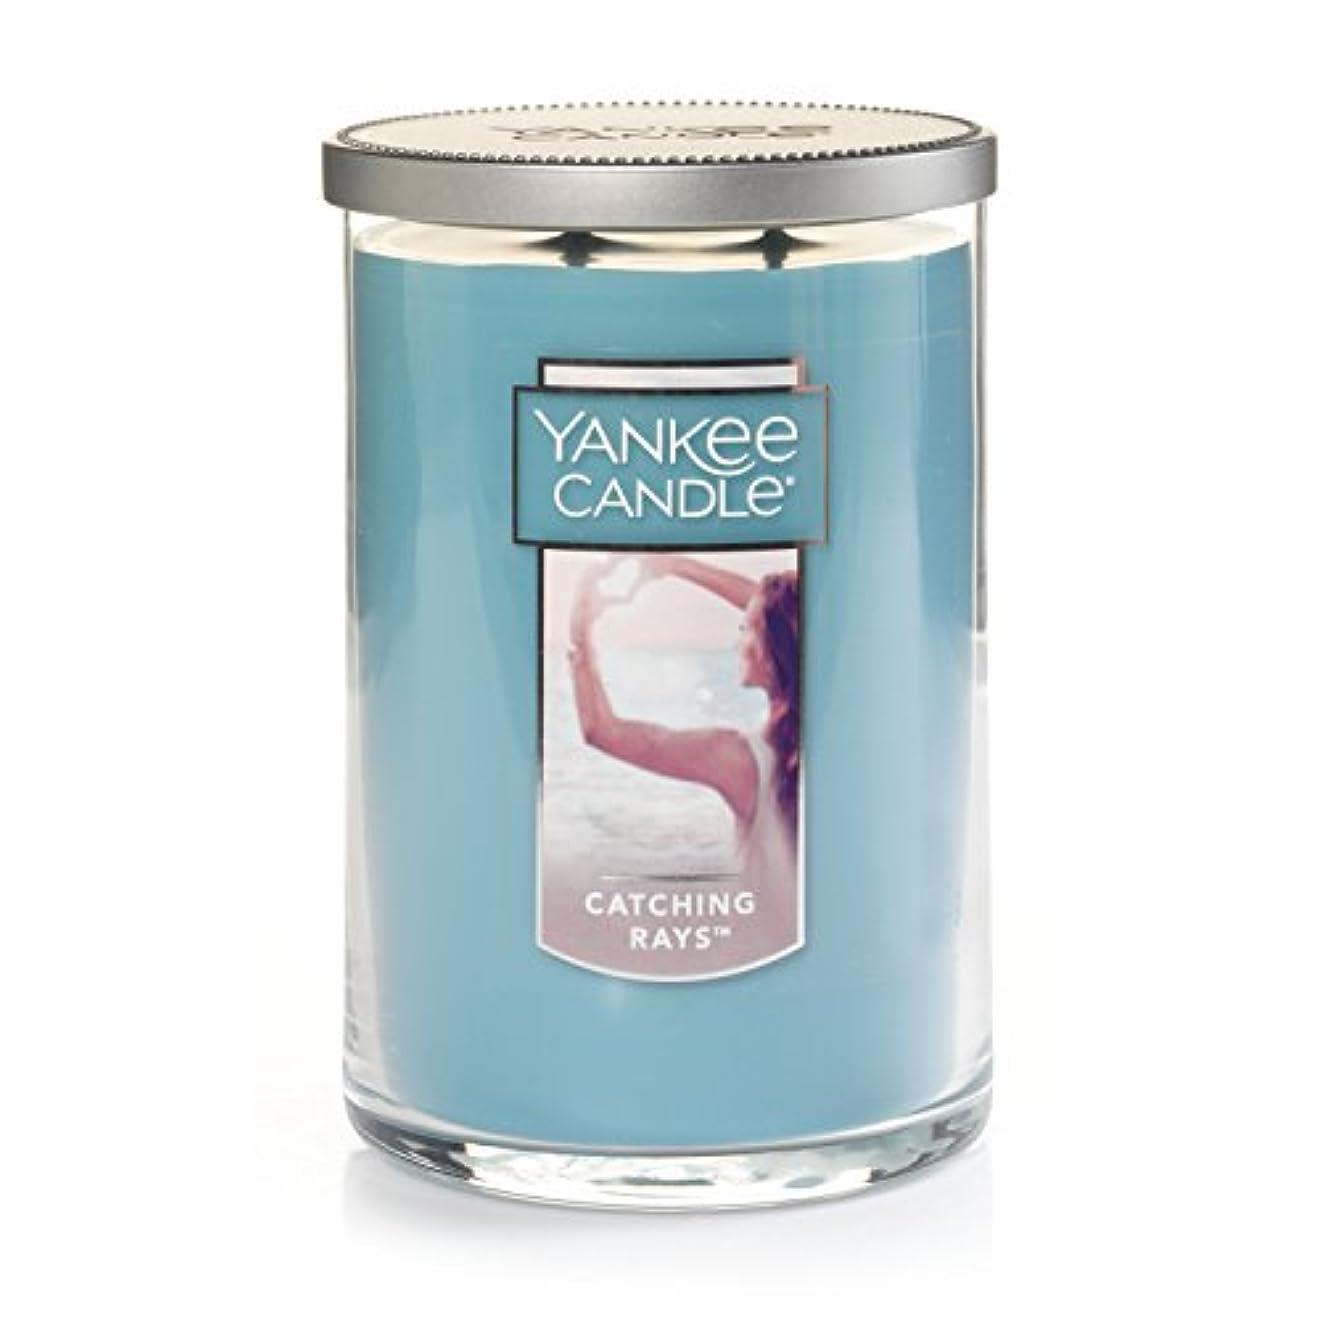 下文字通り減衰(ヤンキーキャンドル) Yankee Candle Lサイズ ジャーキャンドル Large 2-Wick Tumbler Candle ブルー 1351630Z